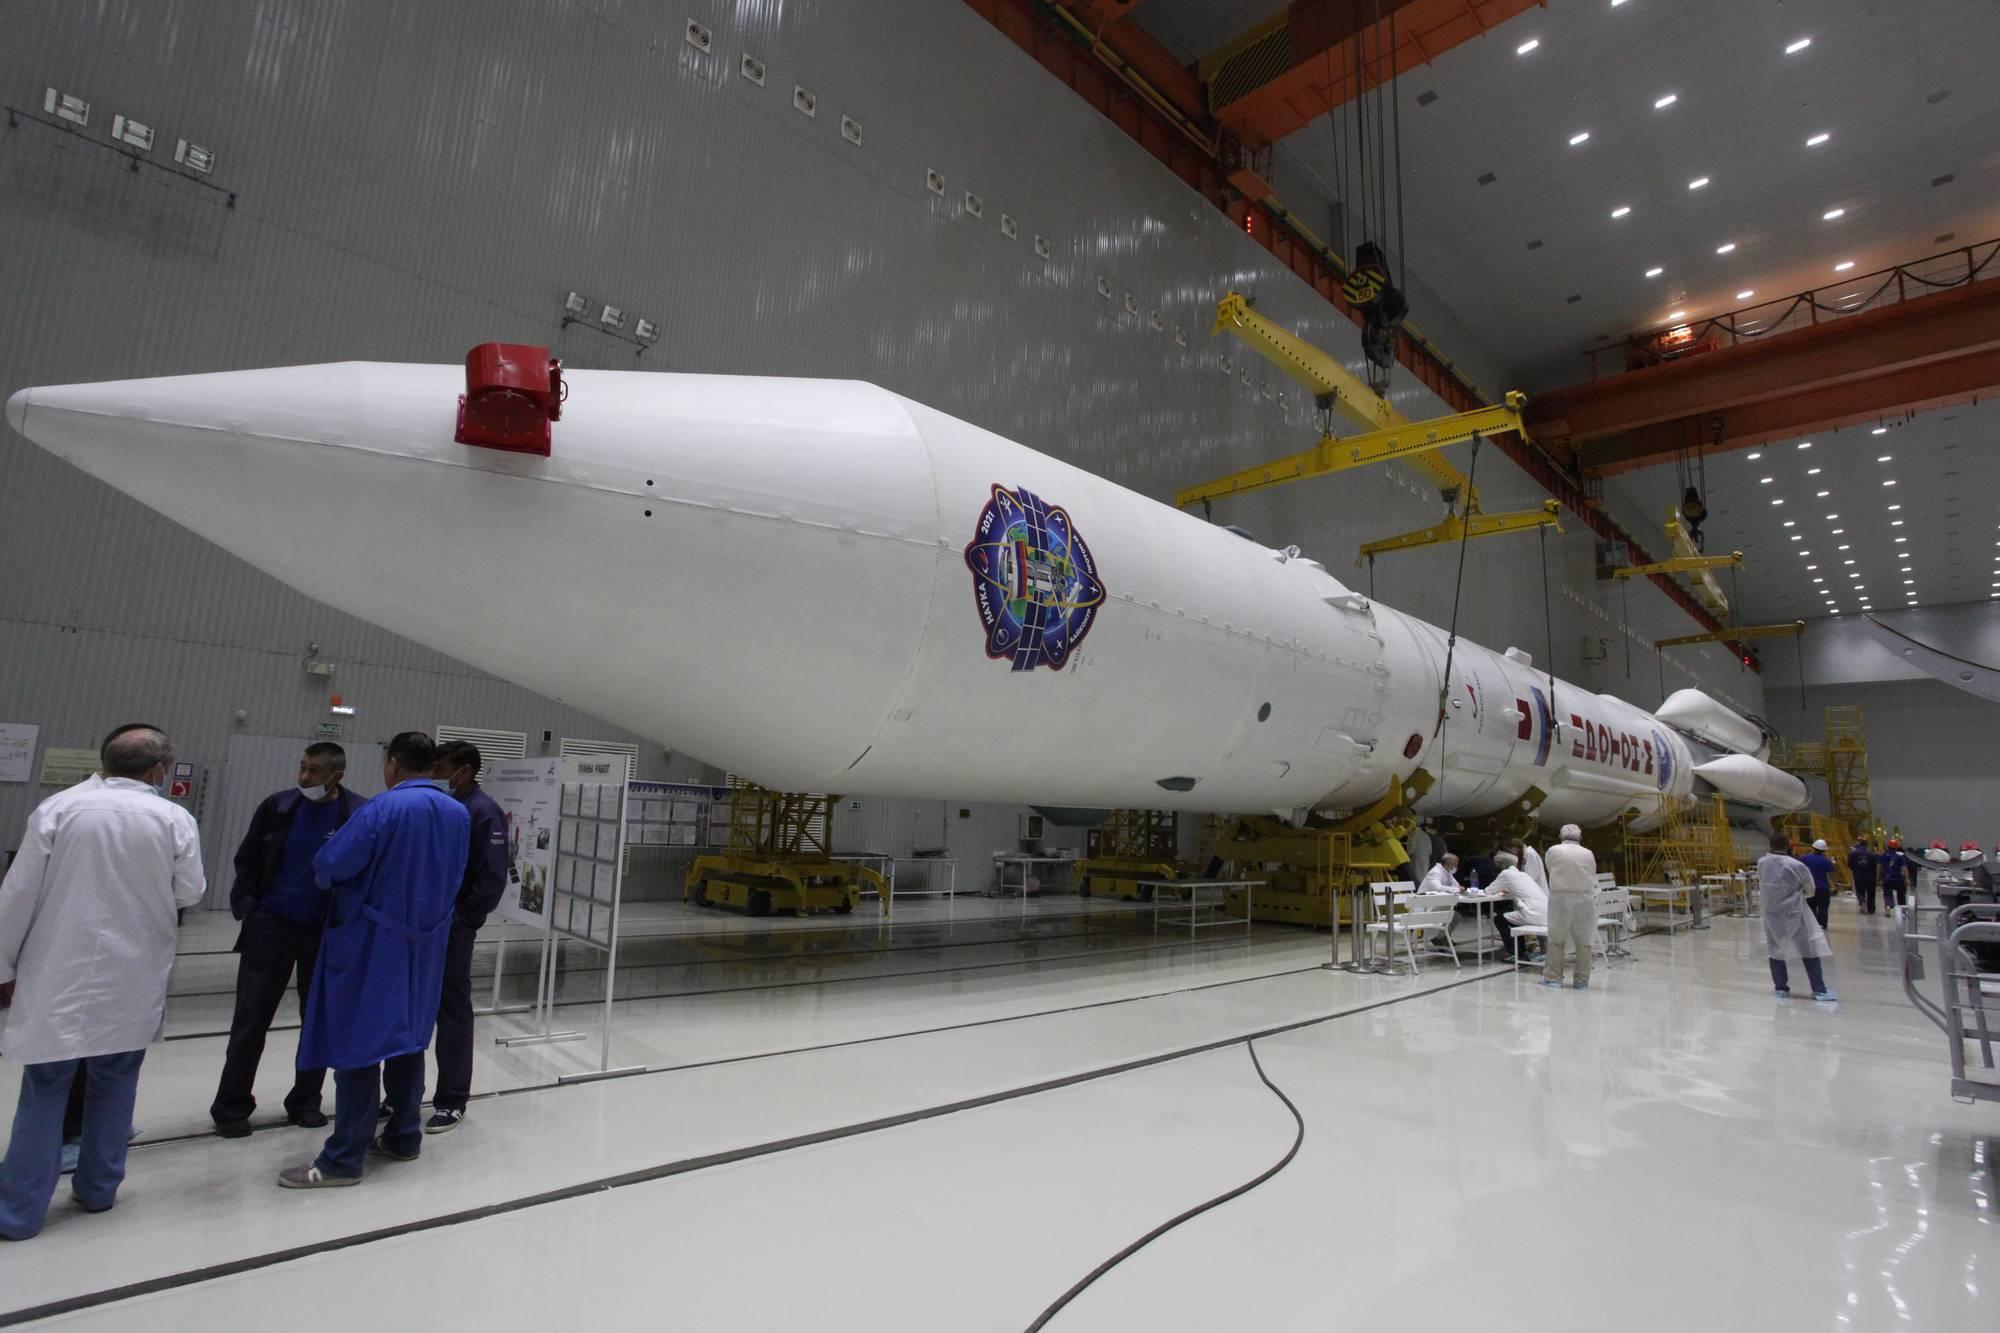 Le lanceur Proton-M avec sur la coiffe le symbolisme de la charge utile.